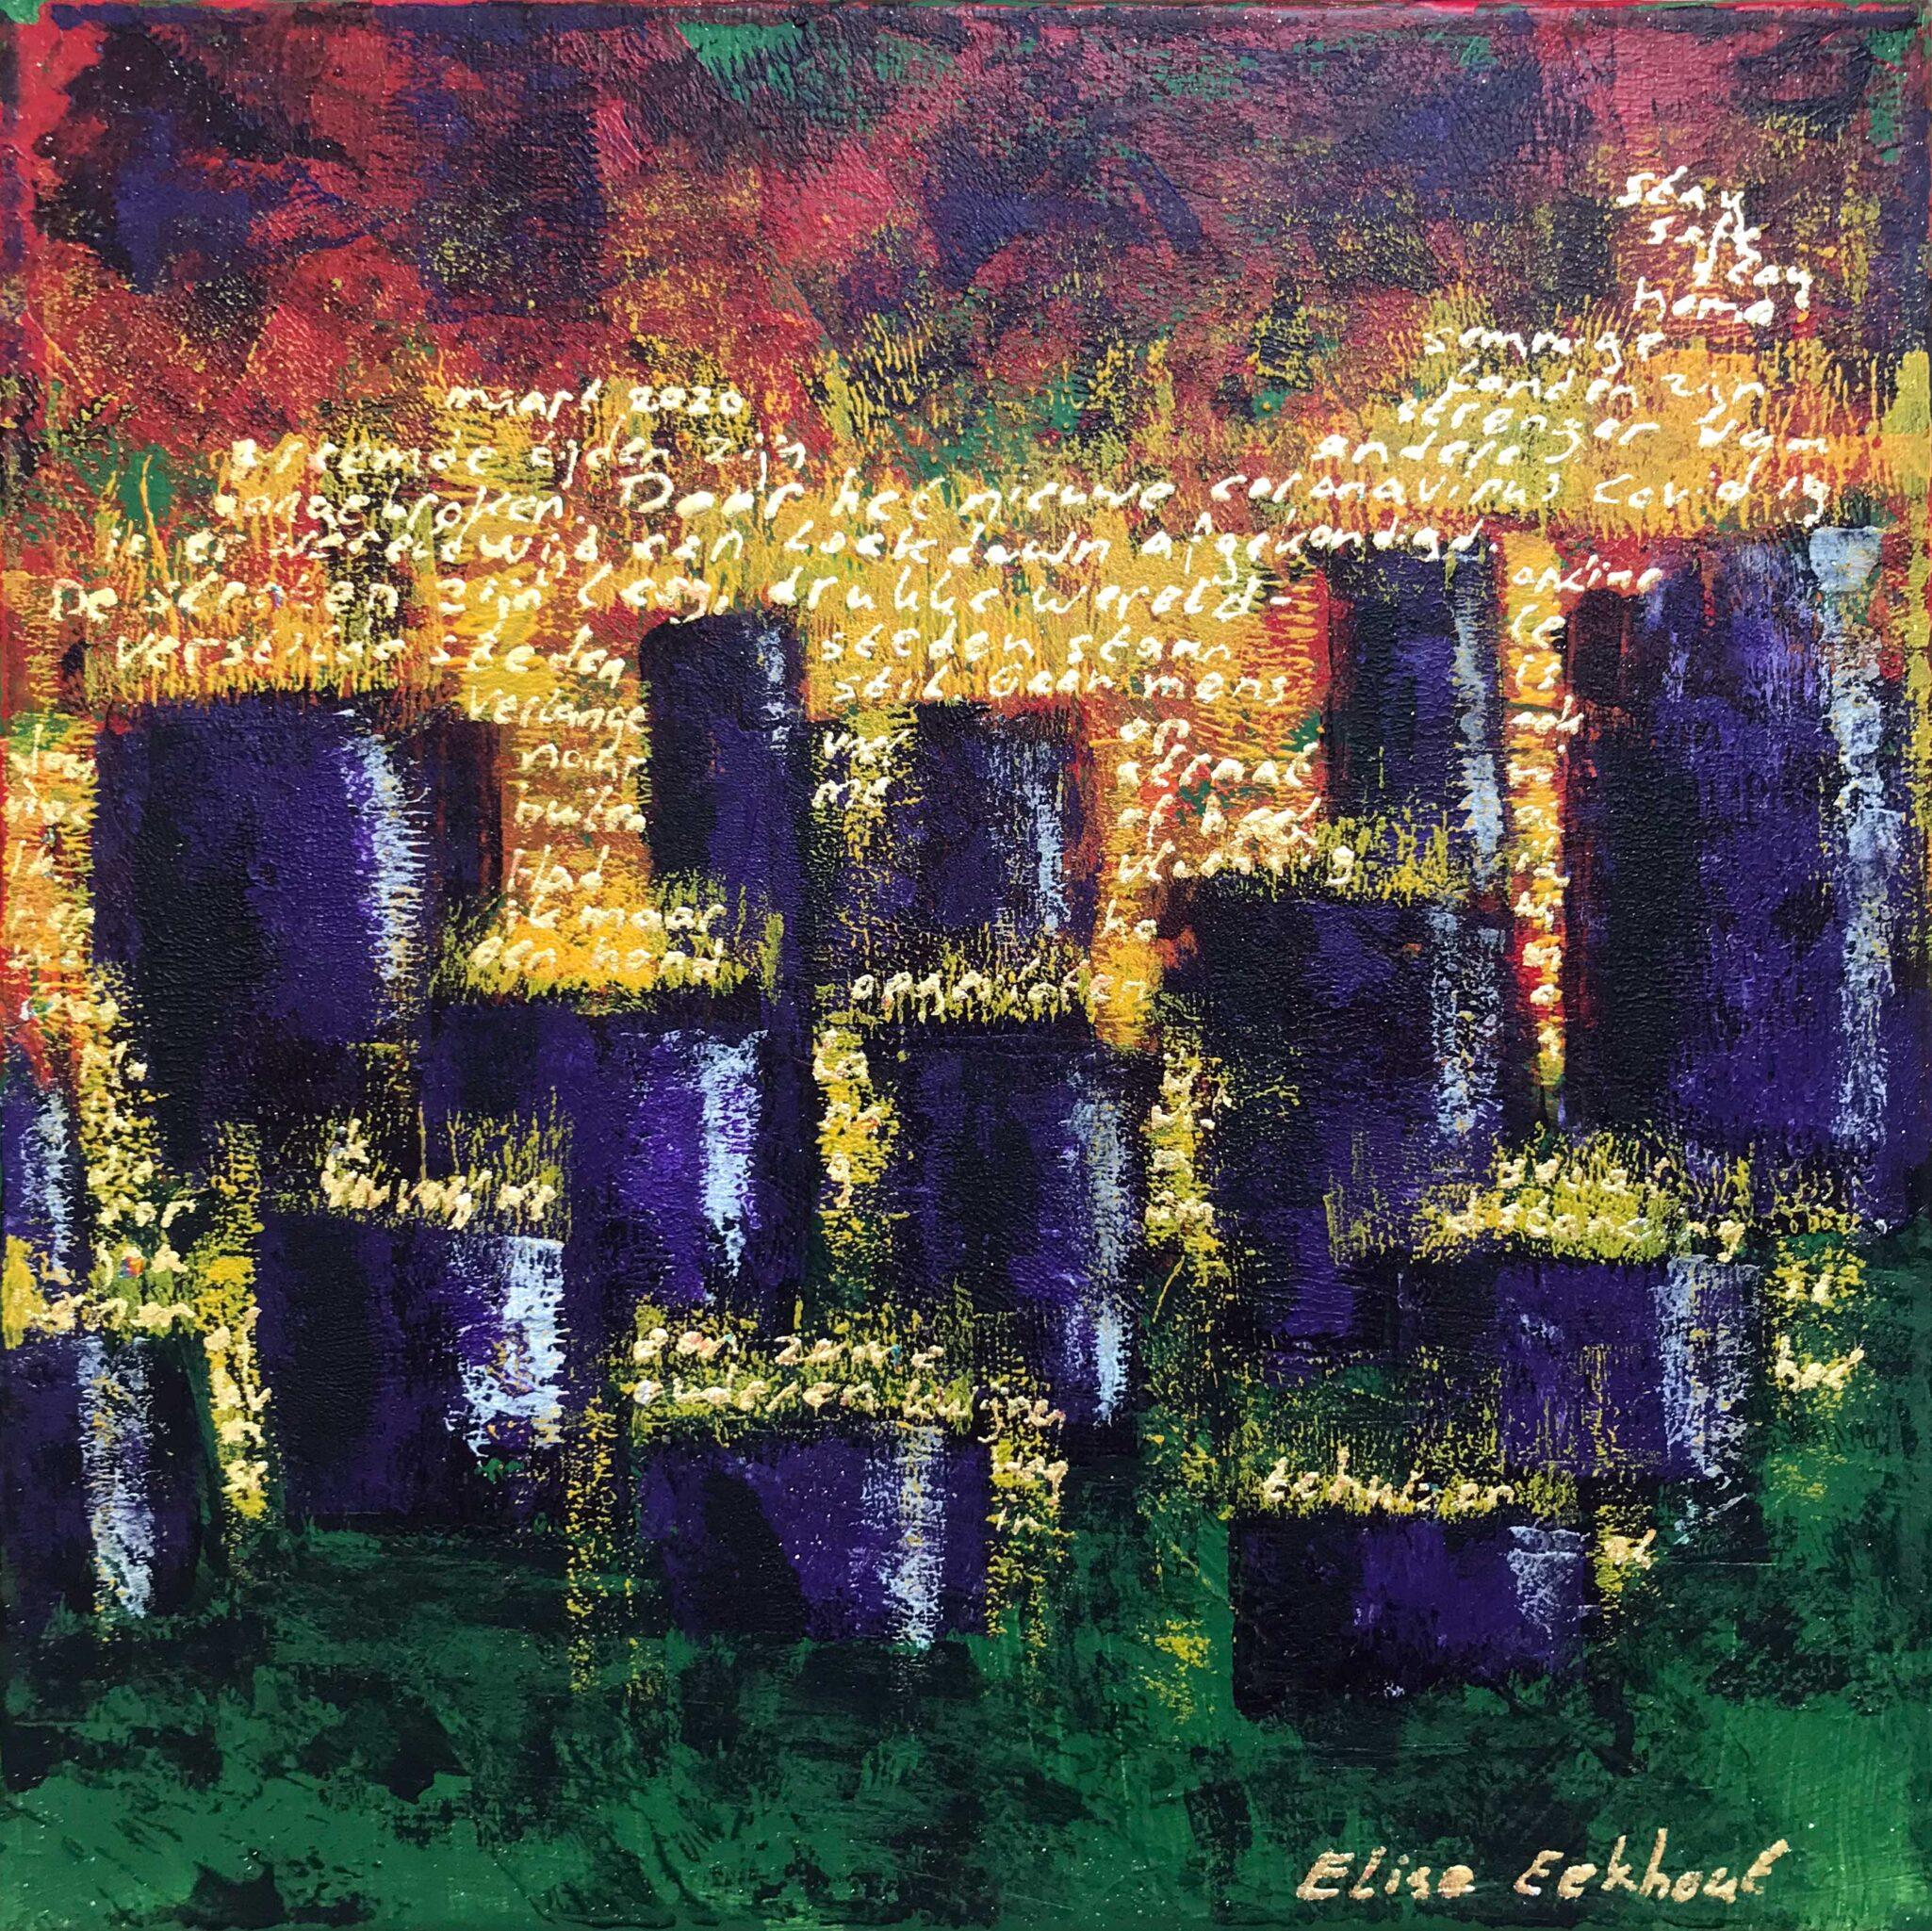 2 MAAL EE | Elise Eekhout | Corona Stories | Tranquil City 02